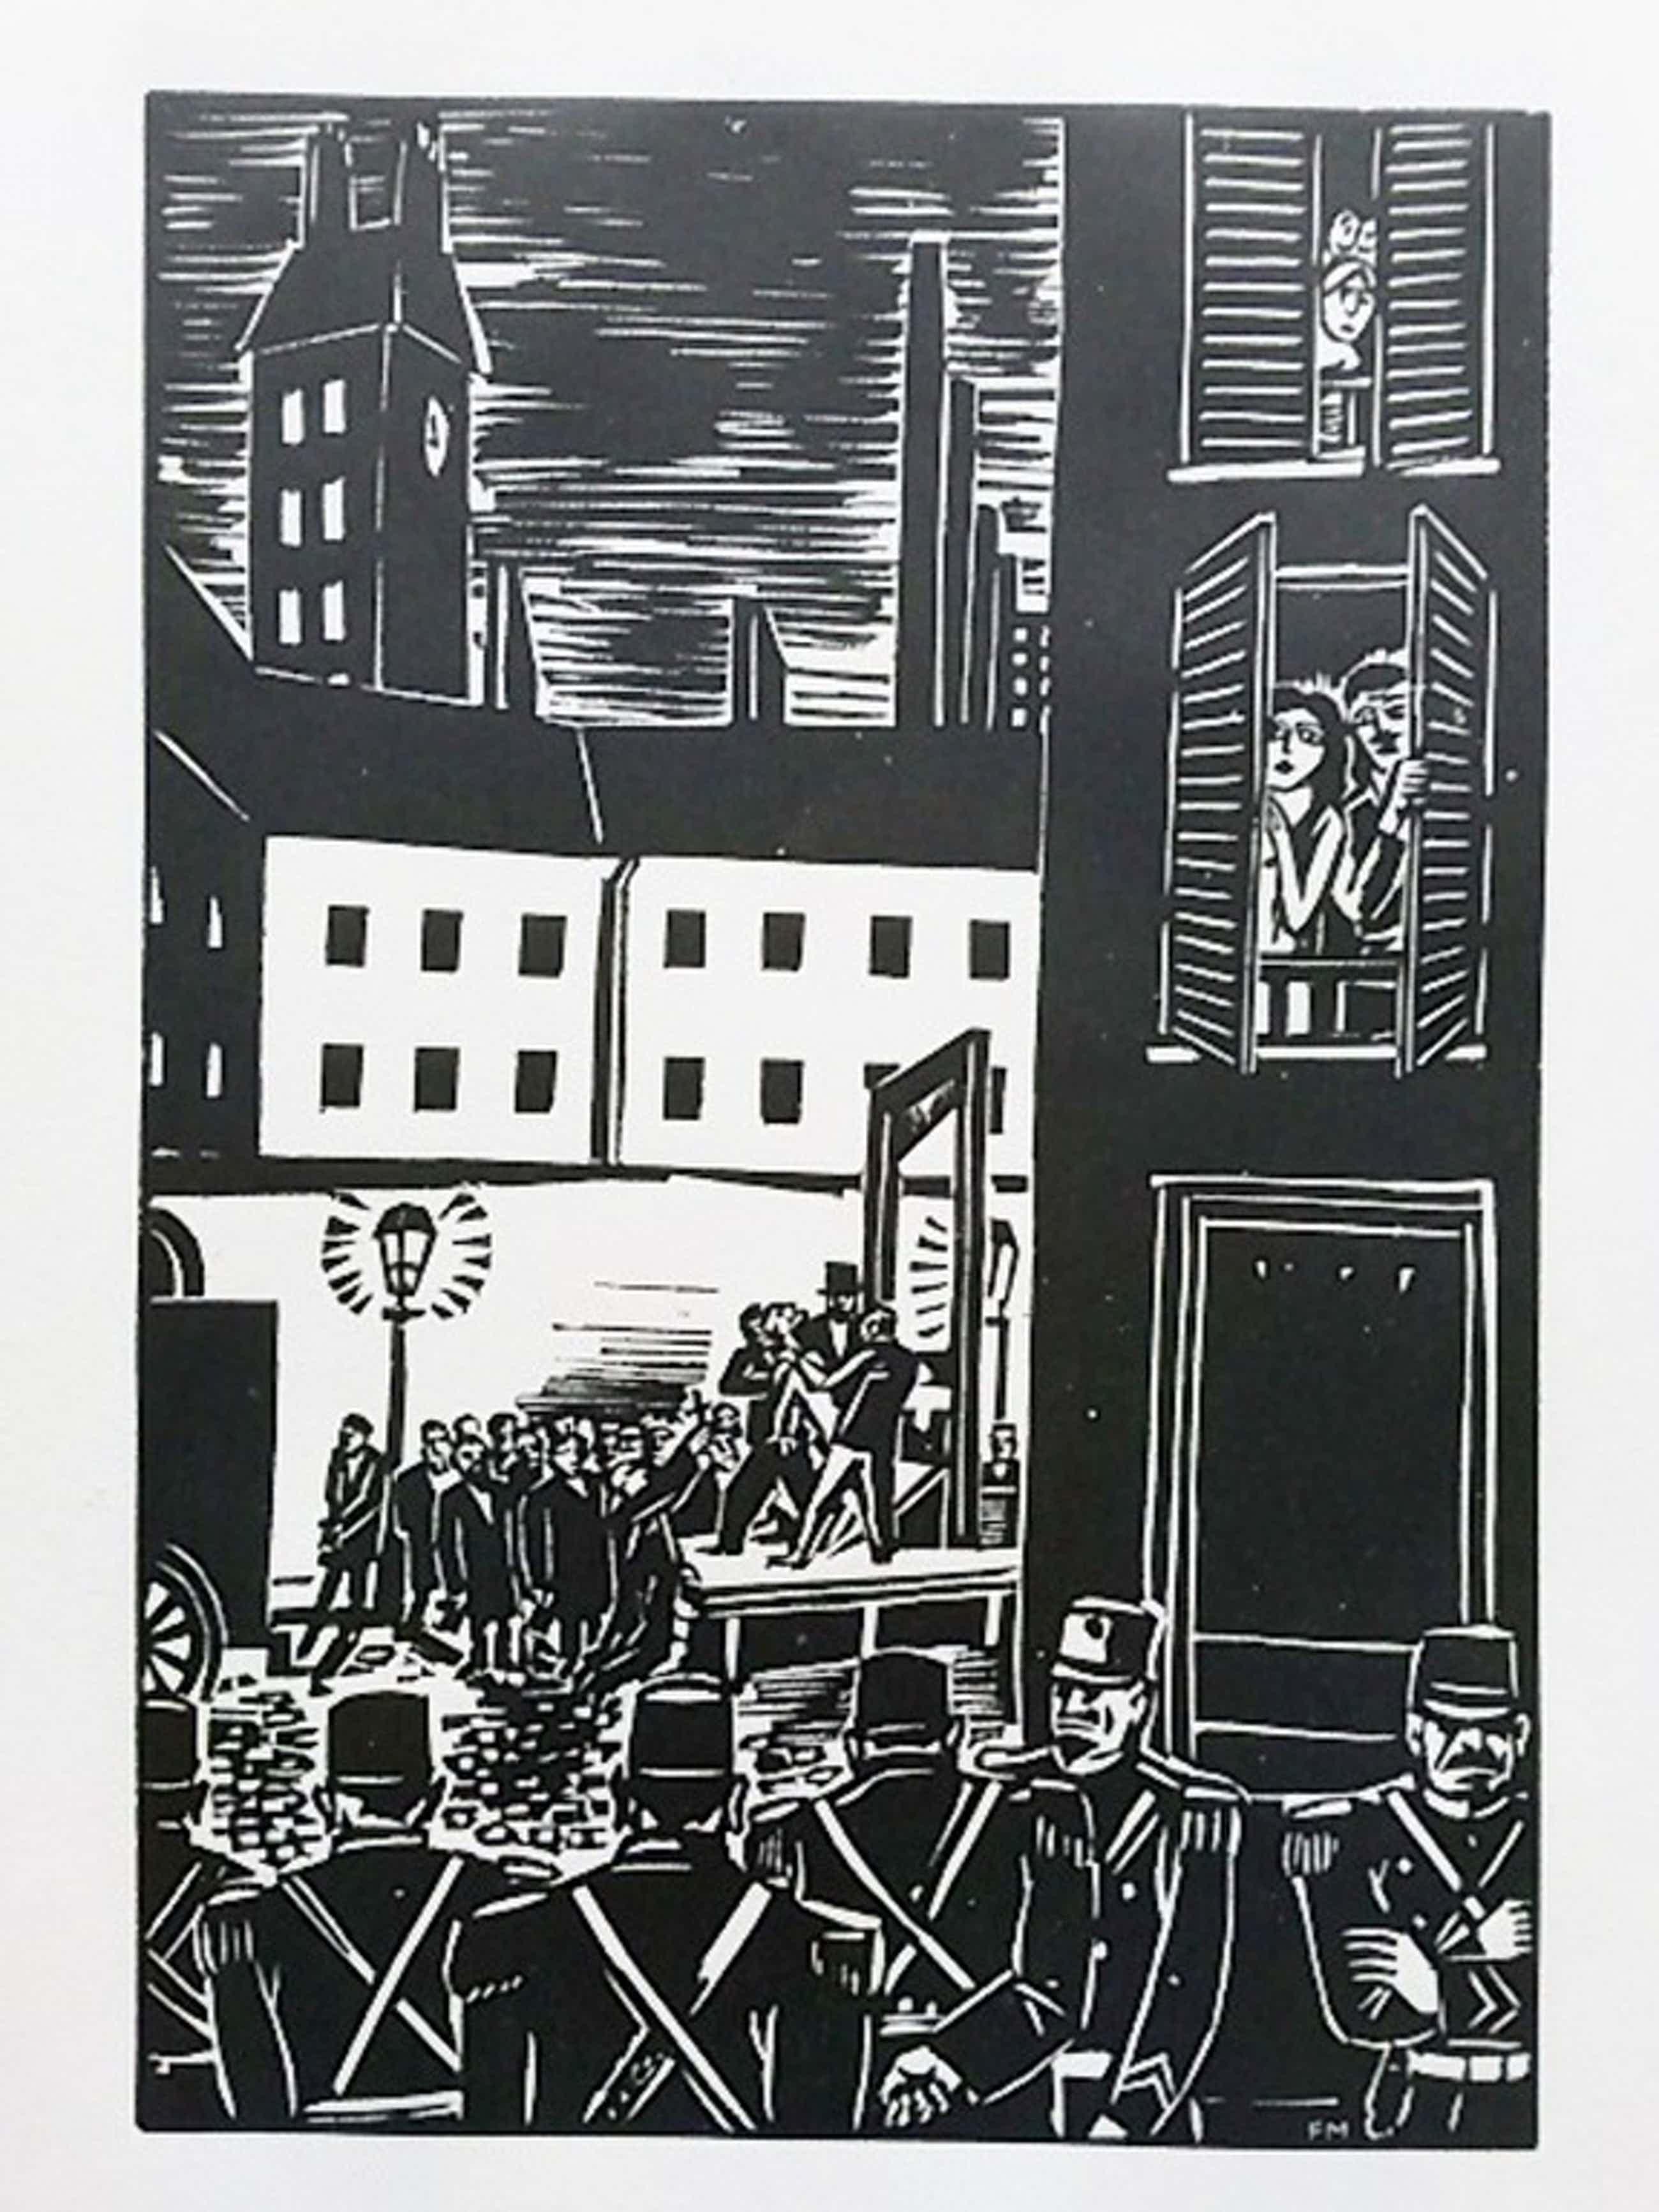 Frans Masereel, houtsnede, uit La Ville 1928 kopen? Bied vanaf 55!